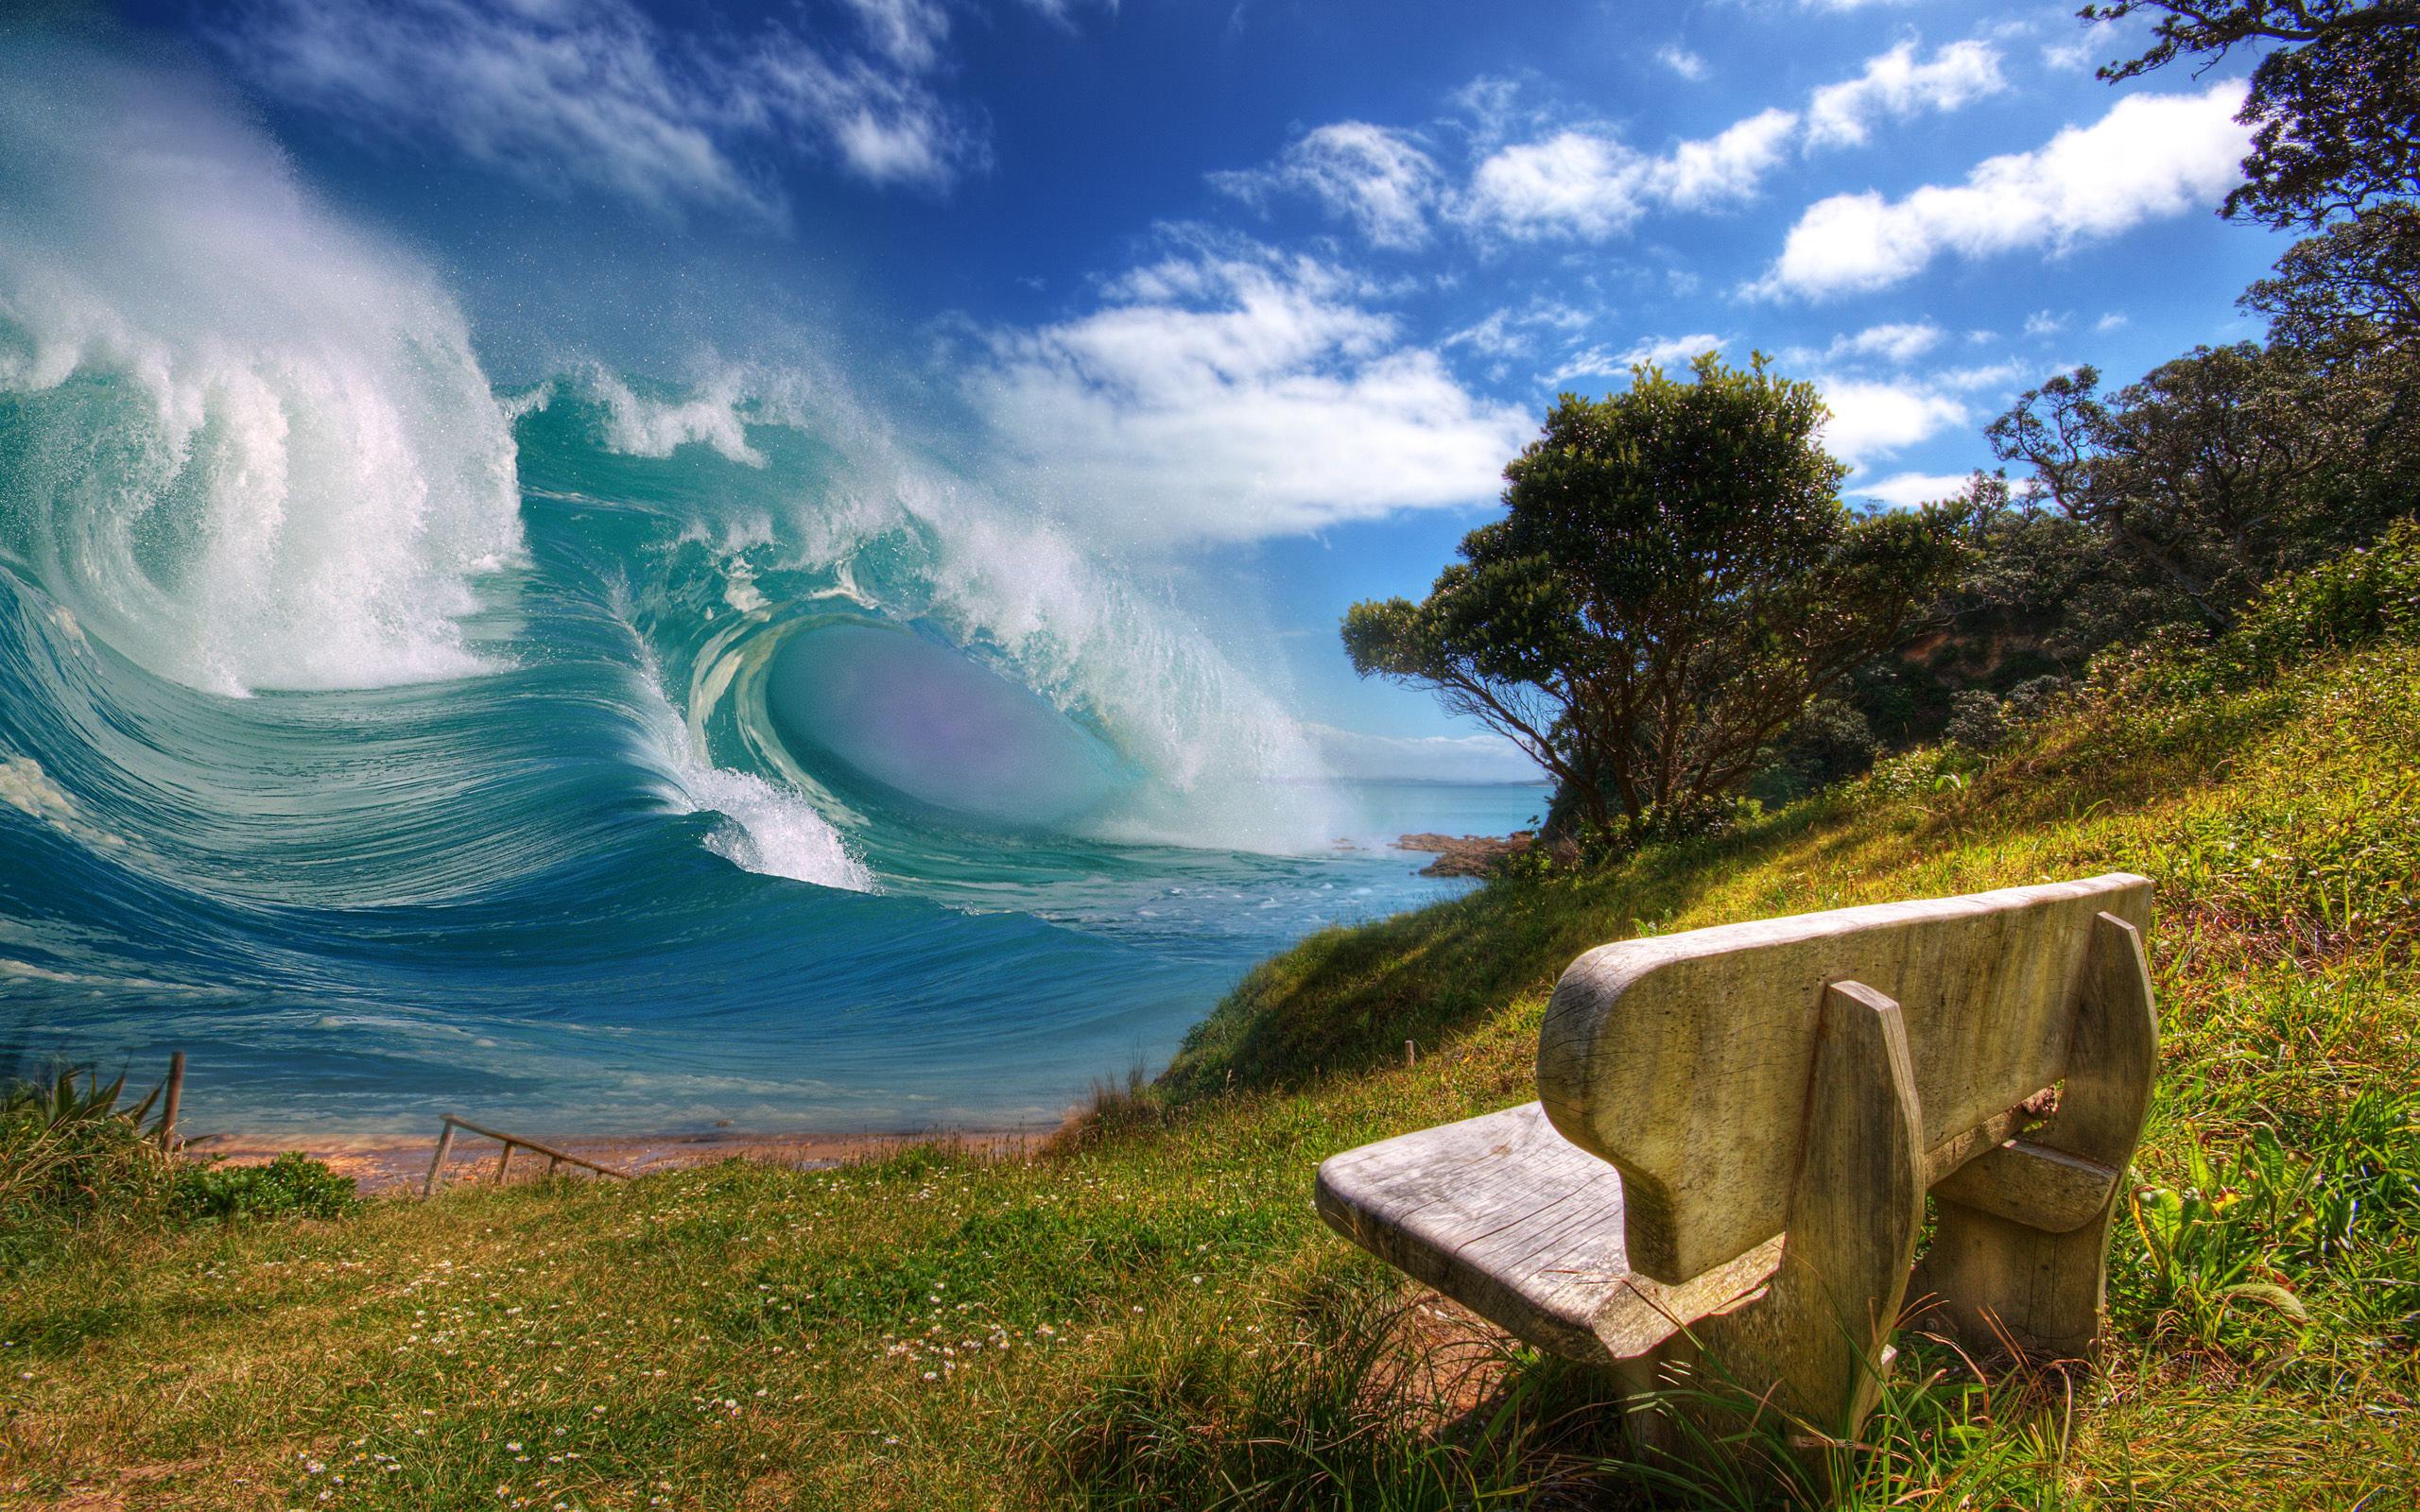 CGI - Natuur  Aarde/Natuur Wallpaper